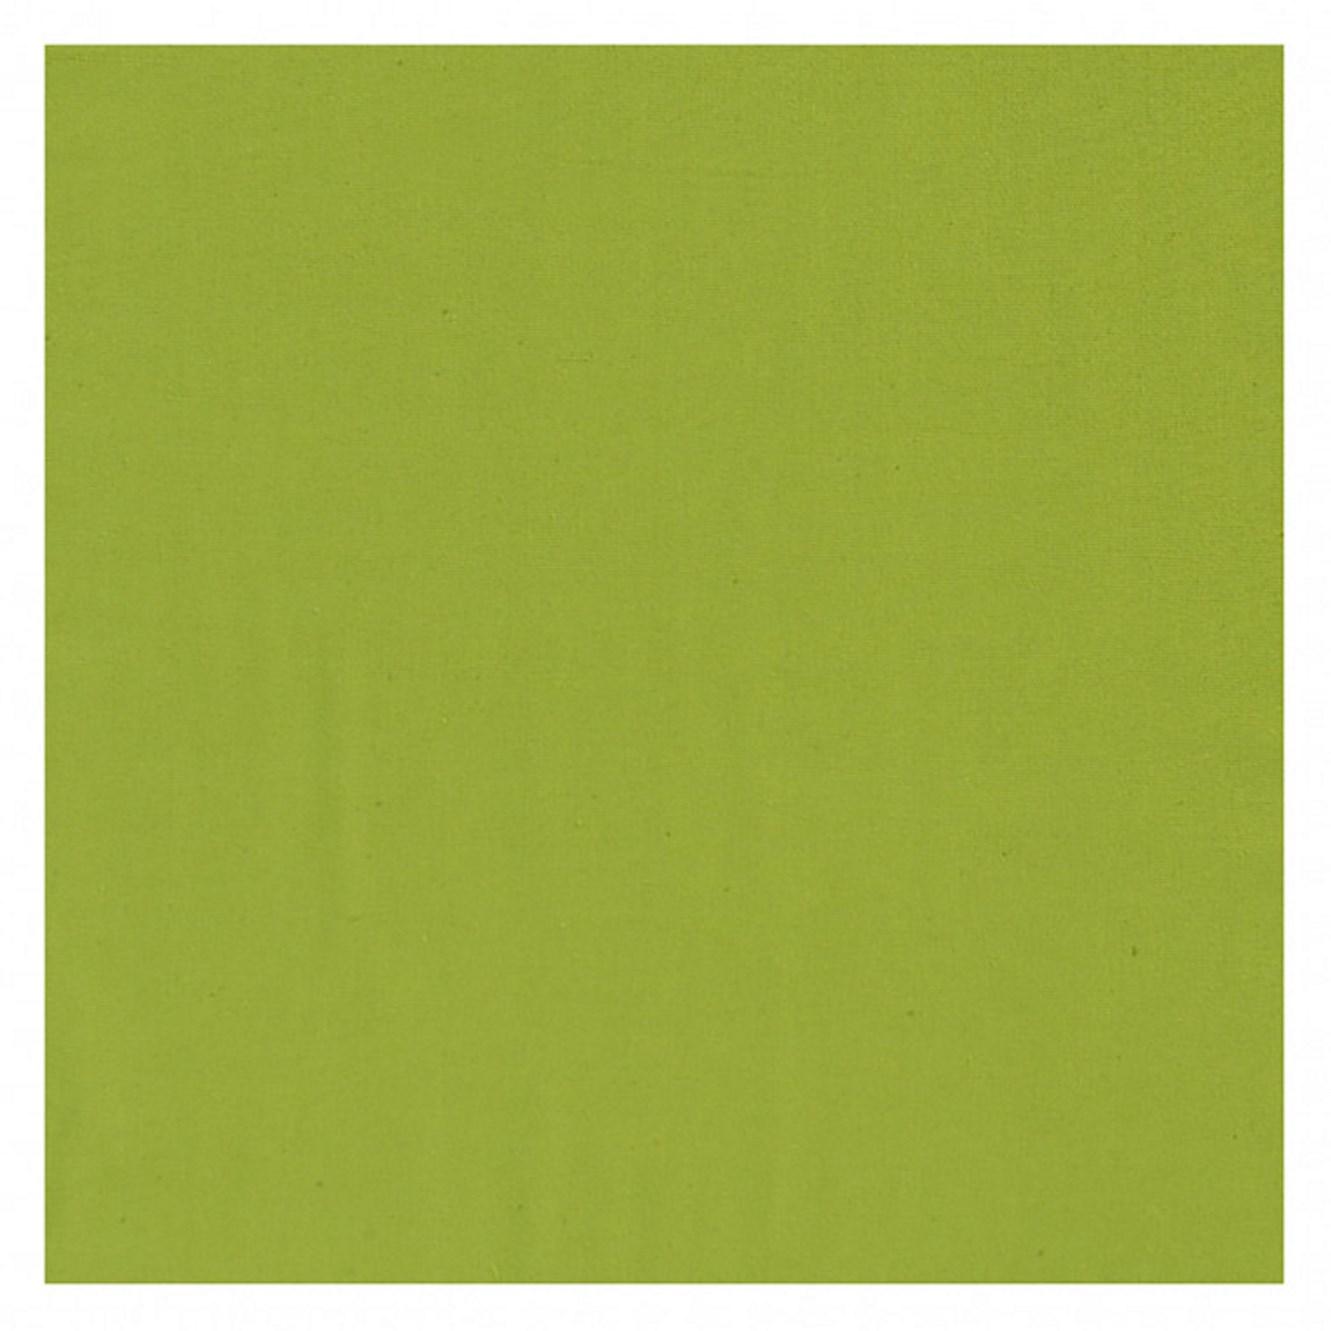 Онлайн каталог PROMENU: Салфетка Winkler NAPKIN, 50х50 см, зеленый Winkler 4241020000